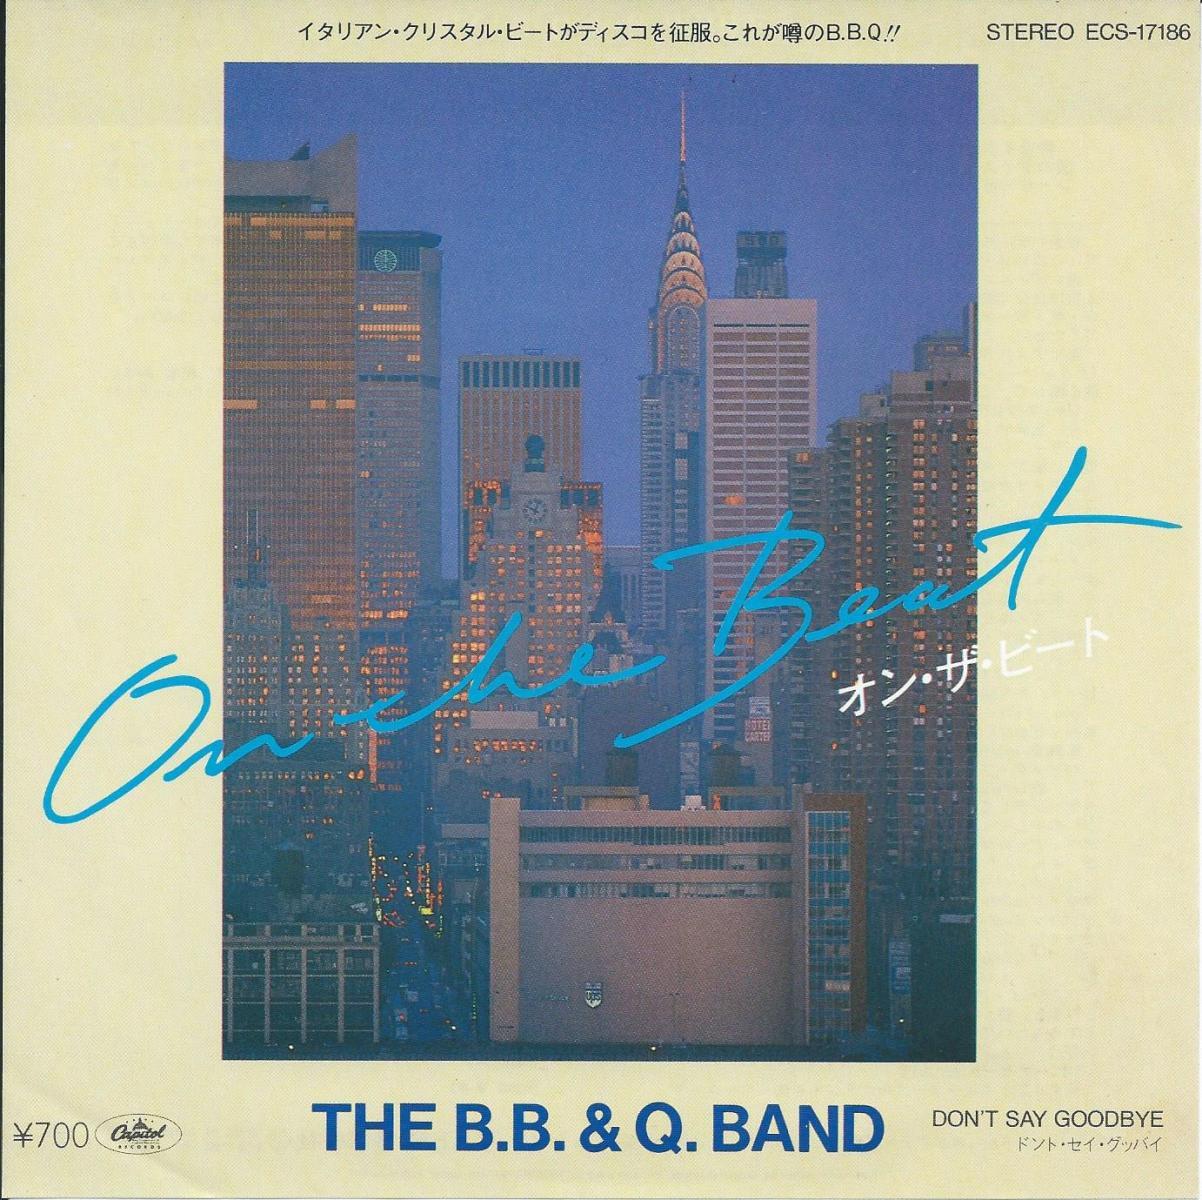 B.B.Q.バンド THE B.B. & Q.BAND / オン・ザ・ビート ON THE BEAT / ドント・セイ・グッバイ DON'T SAY GOODBYE (7